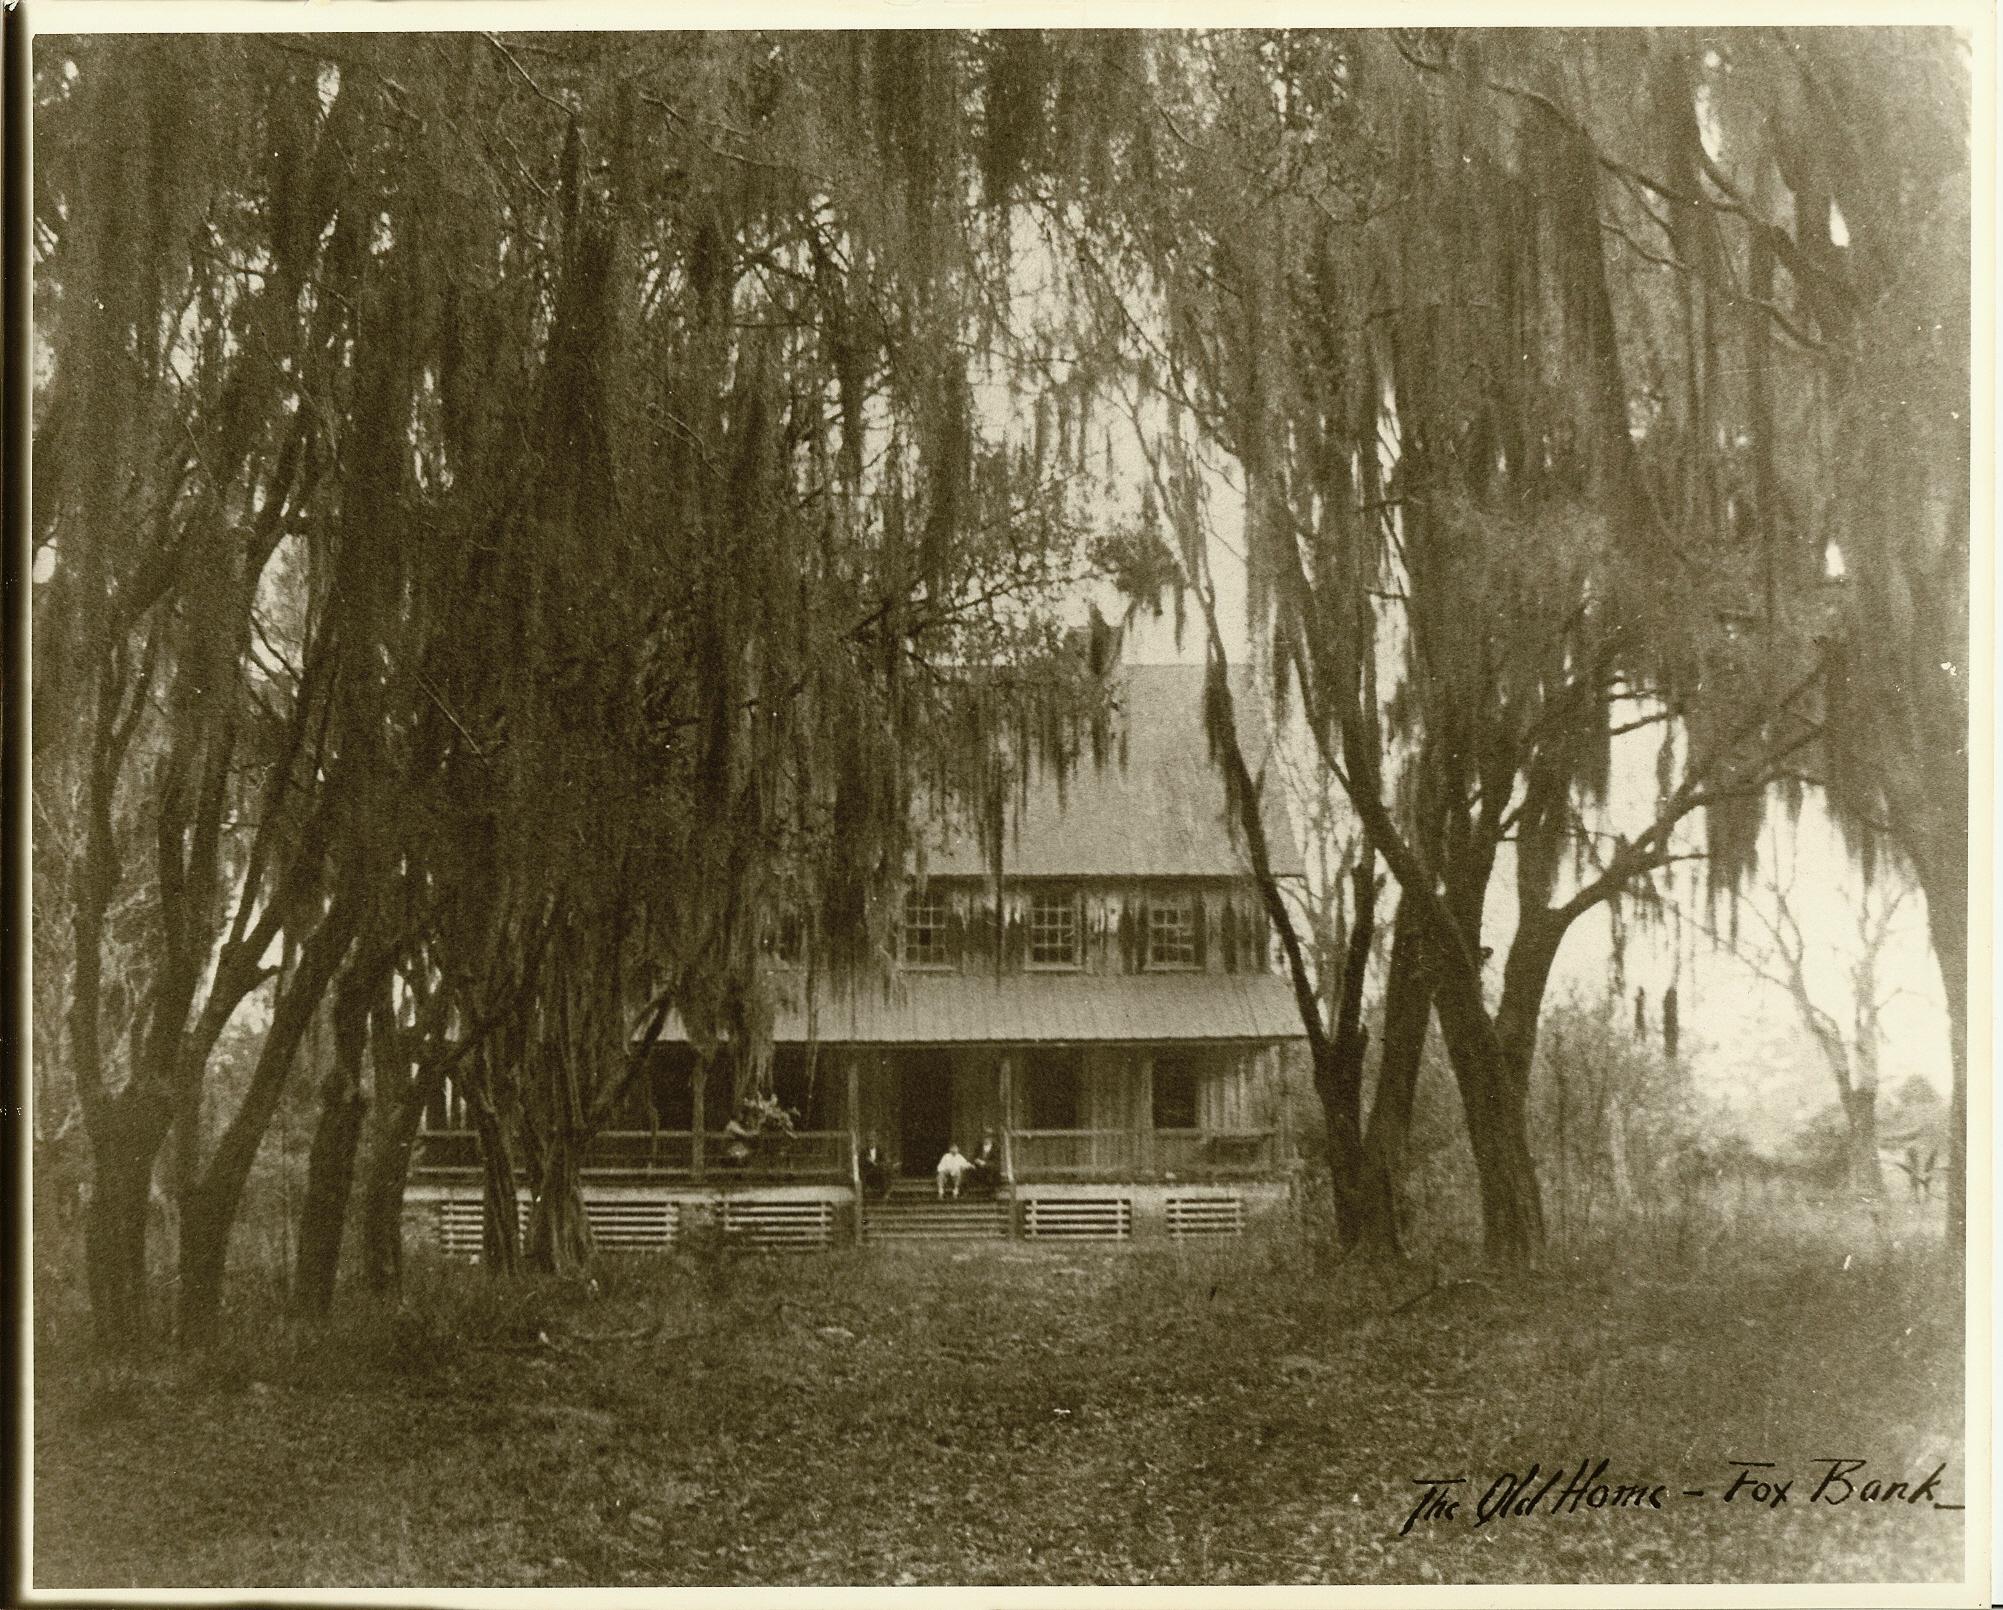 Original Foxbank Home